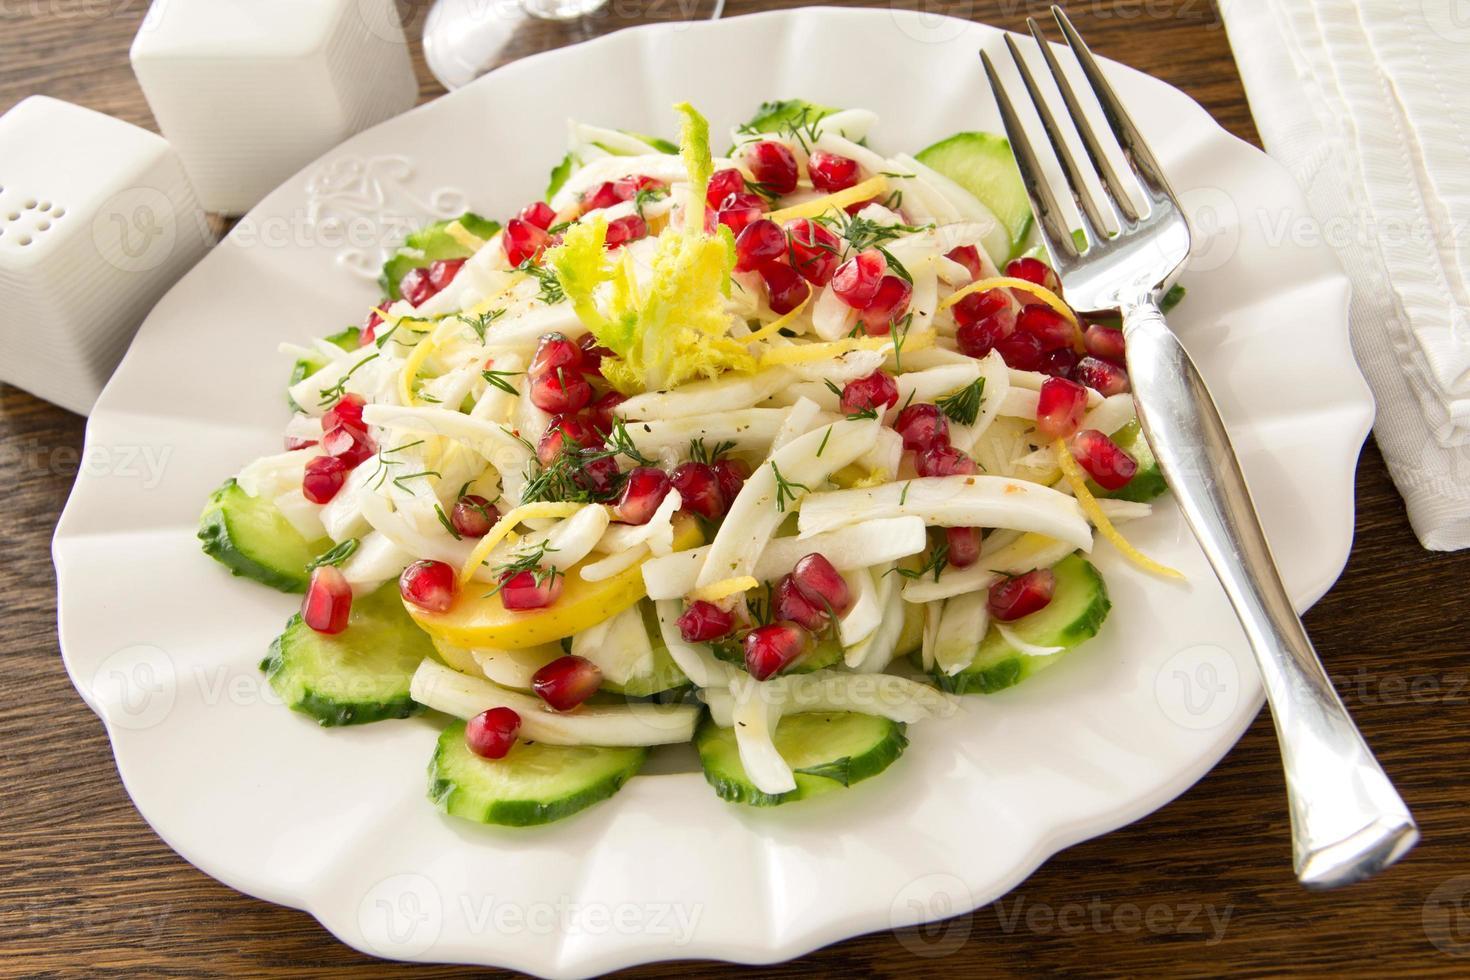 insalata di finocchi con cetrioli, mele e melograno. foto